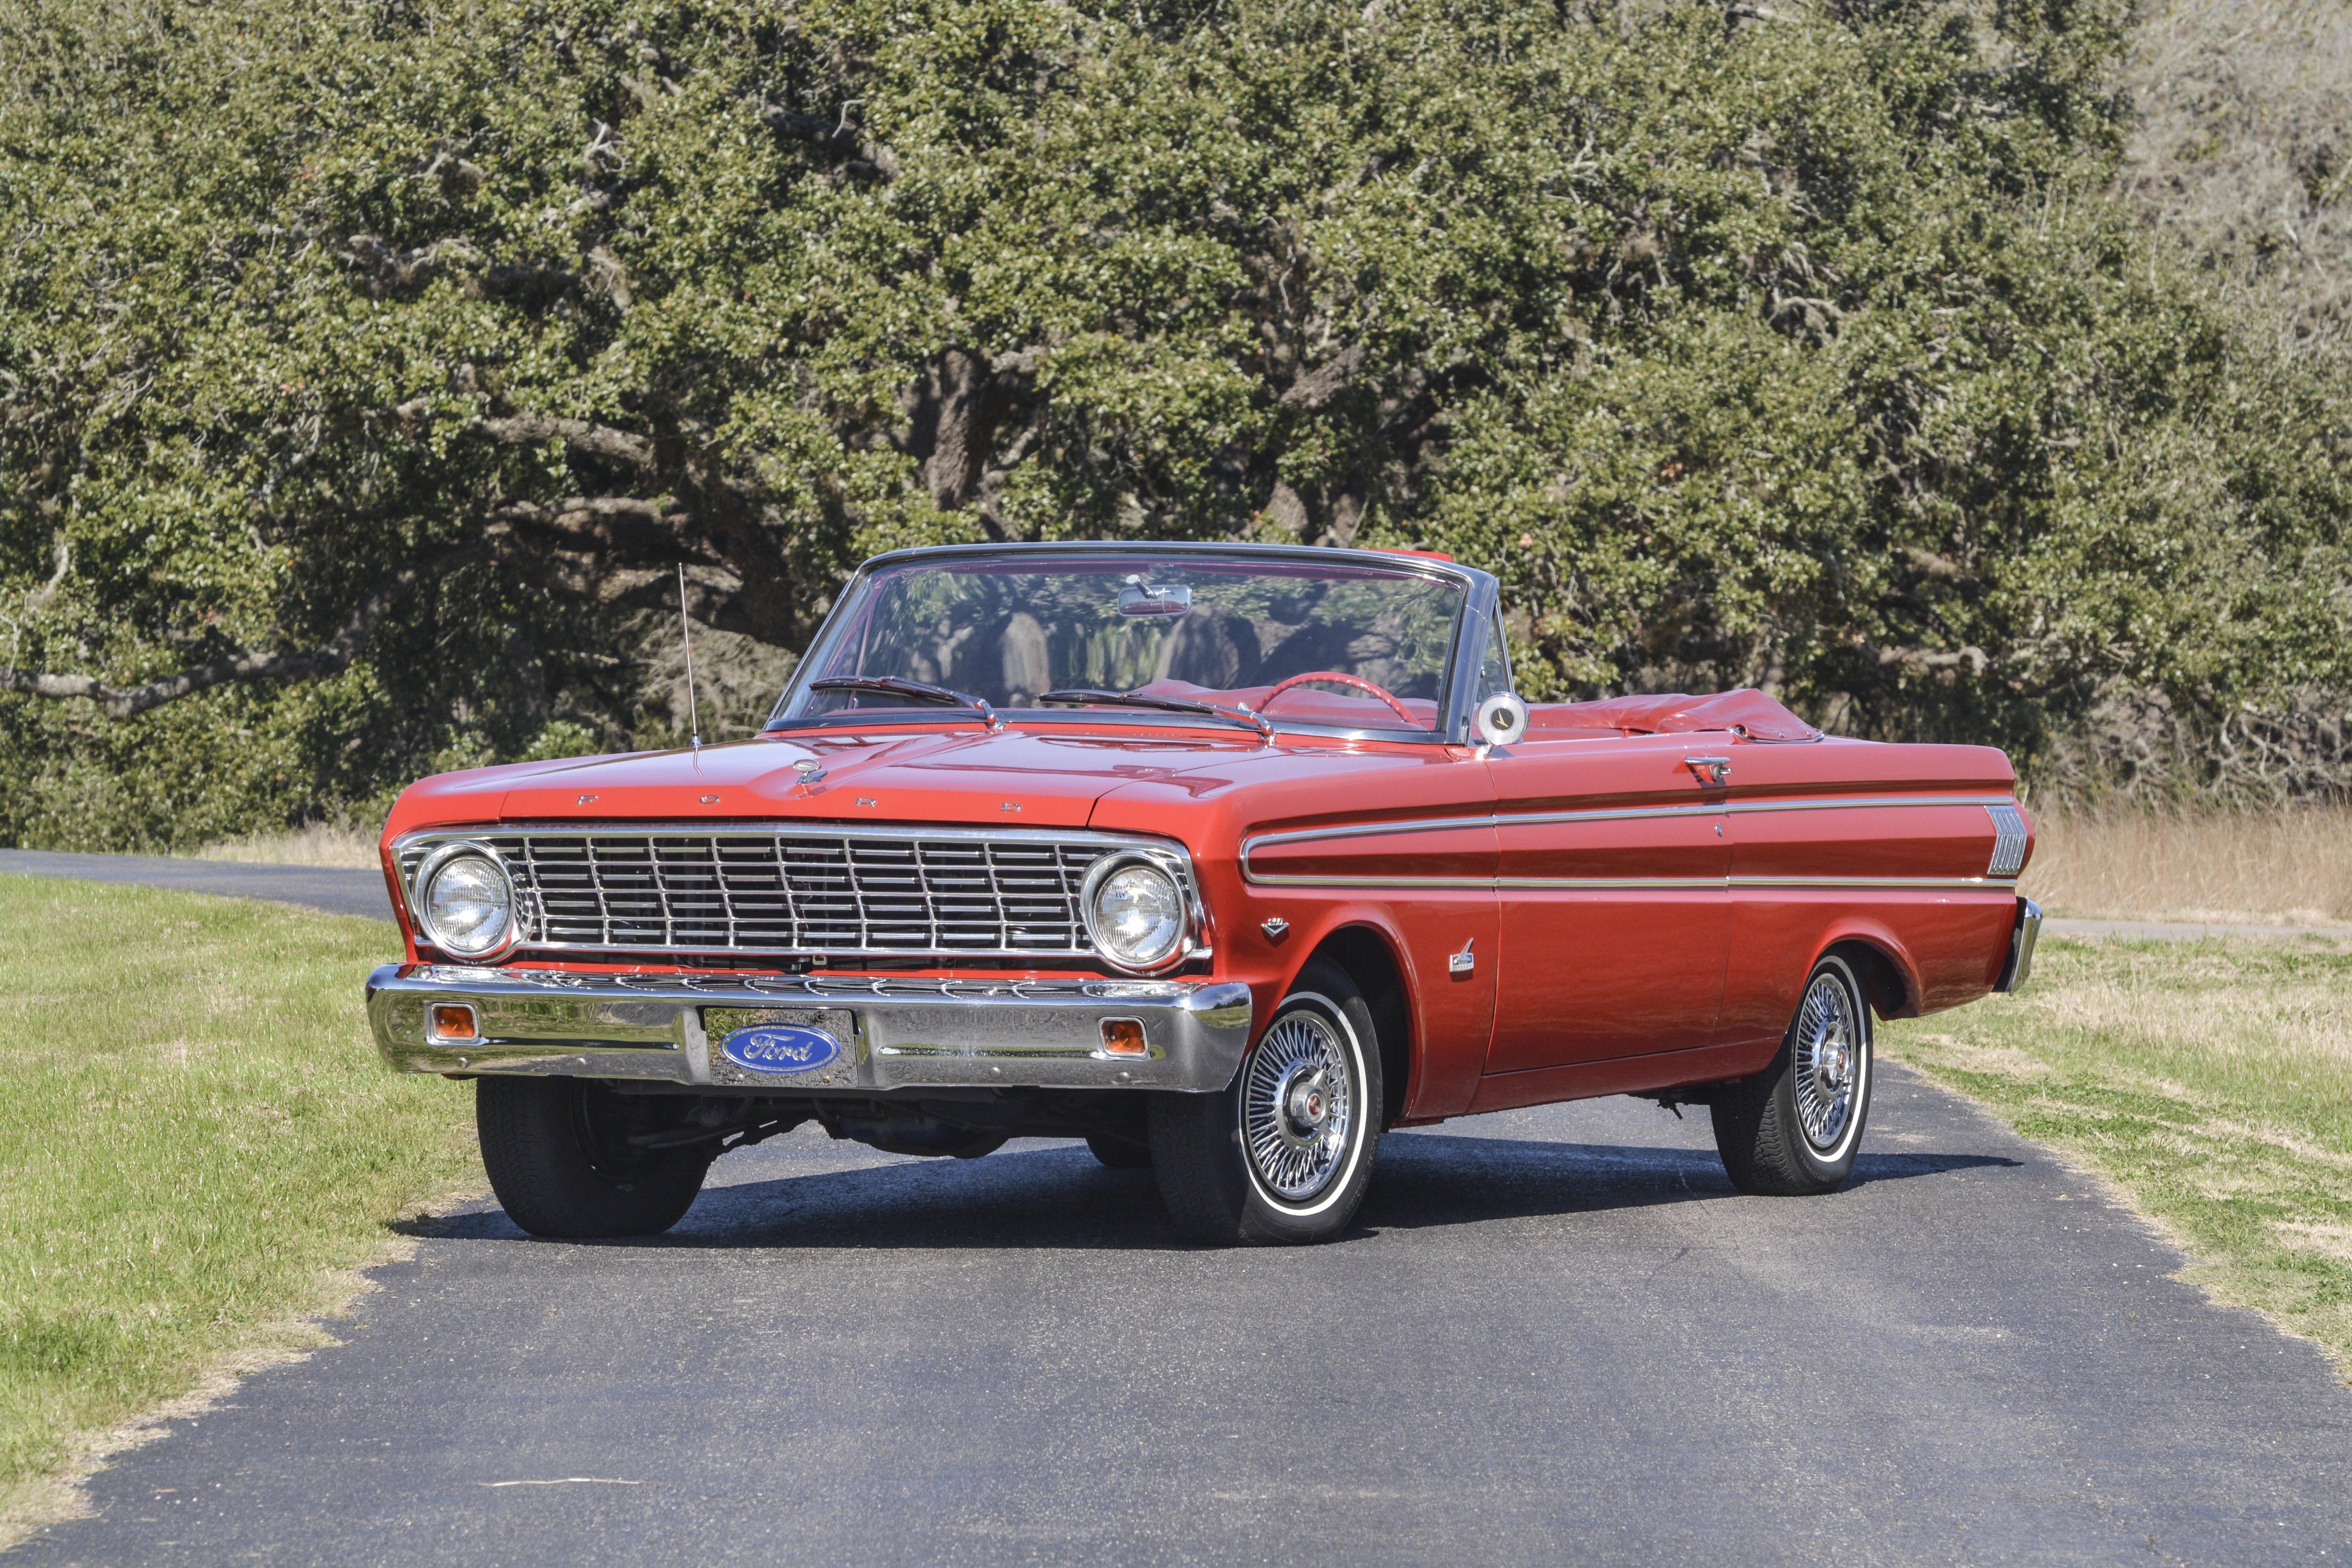 1964 Ford Falcon Futura Convertible Classic Old Retro Usa 5120x3431 01 Wallpaper 5120x3413 645072 Wallpaperup